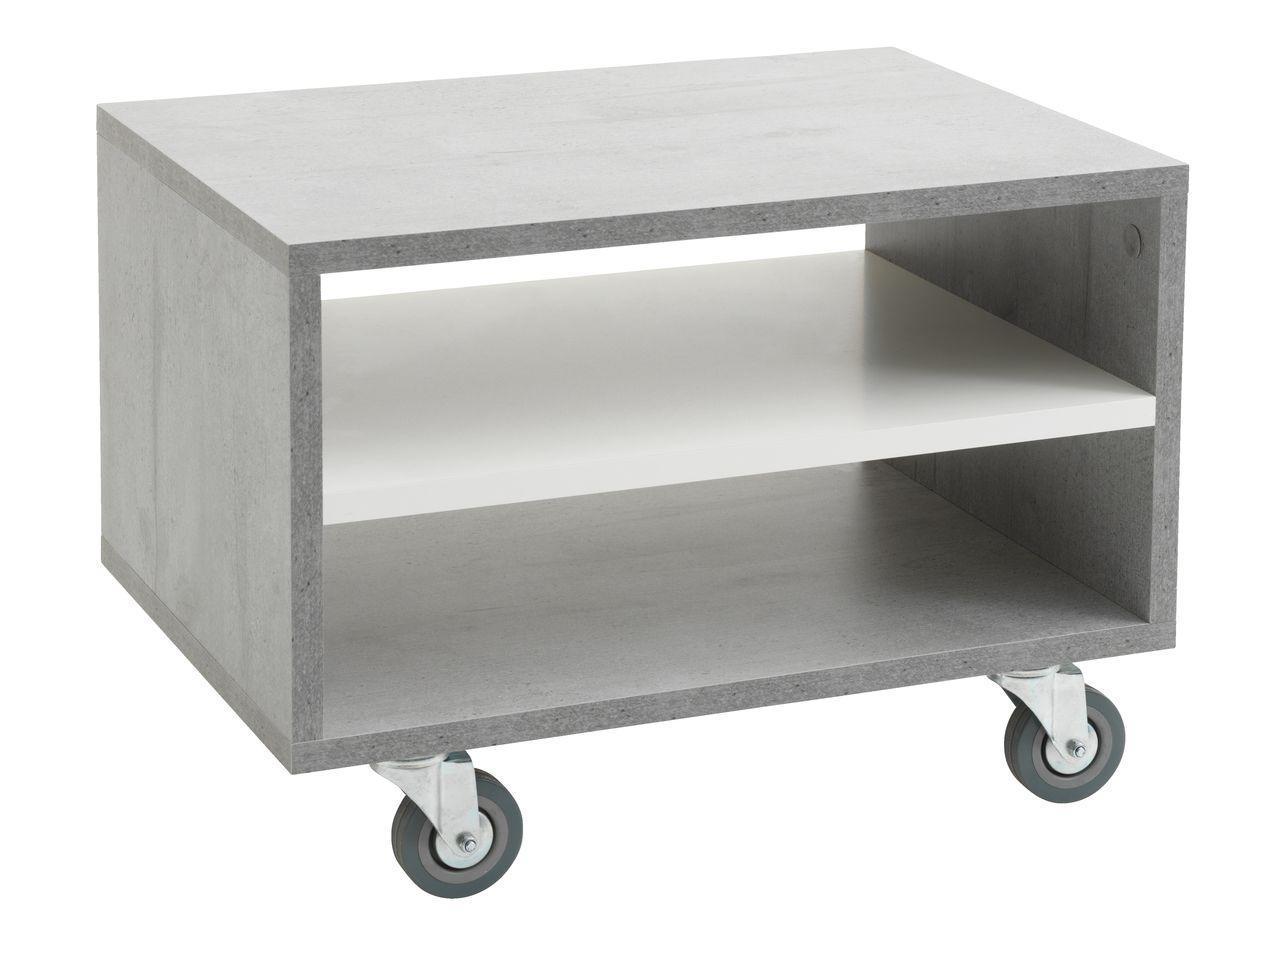 Столик журнальный прямоугольный на колесиках (под бетон)